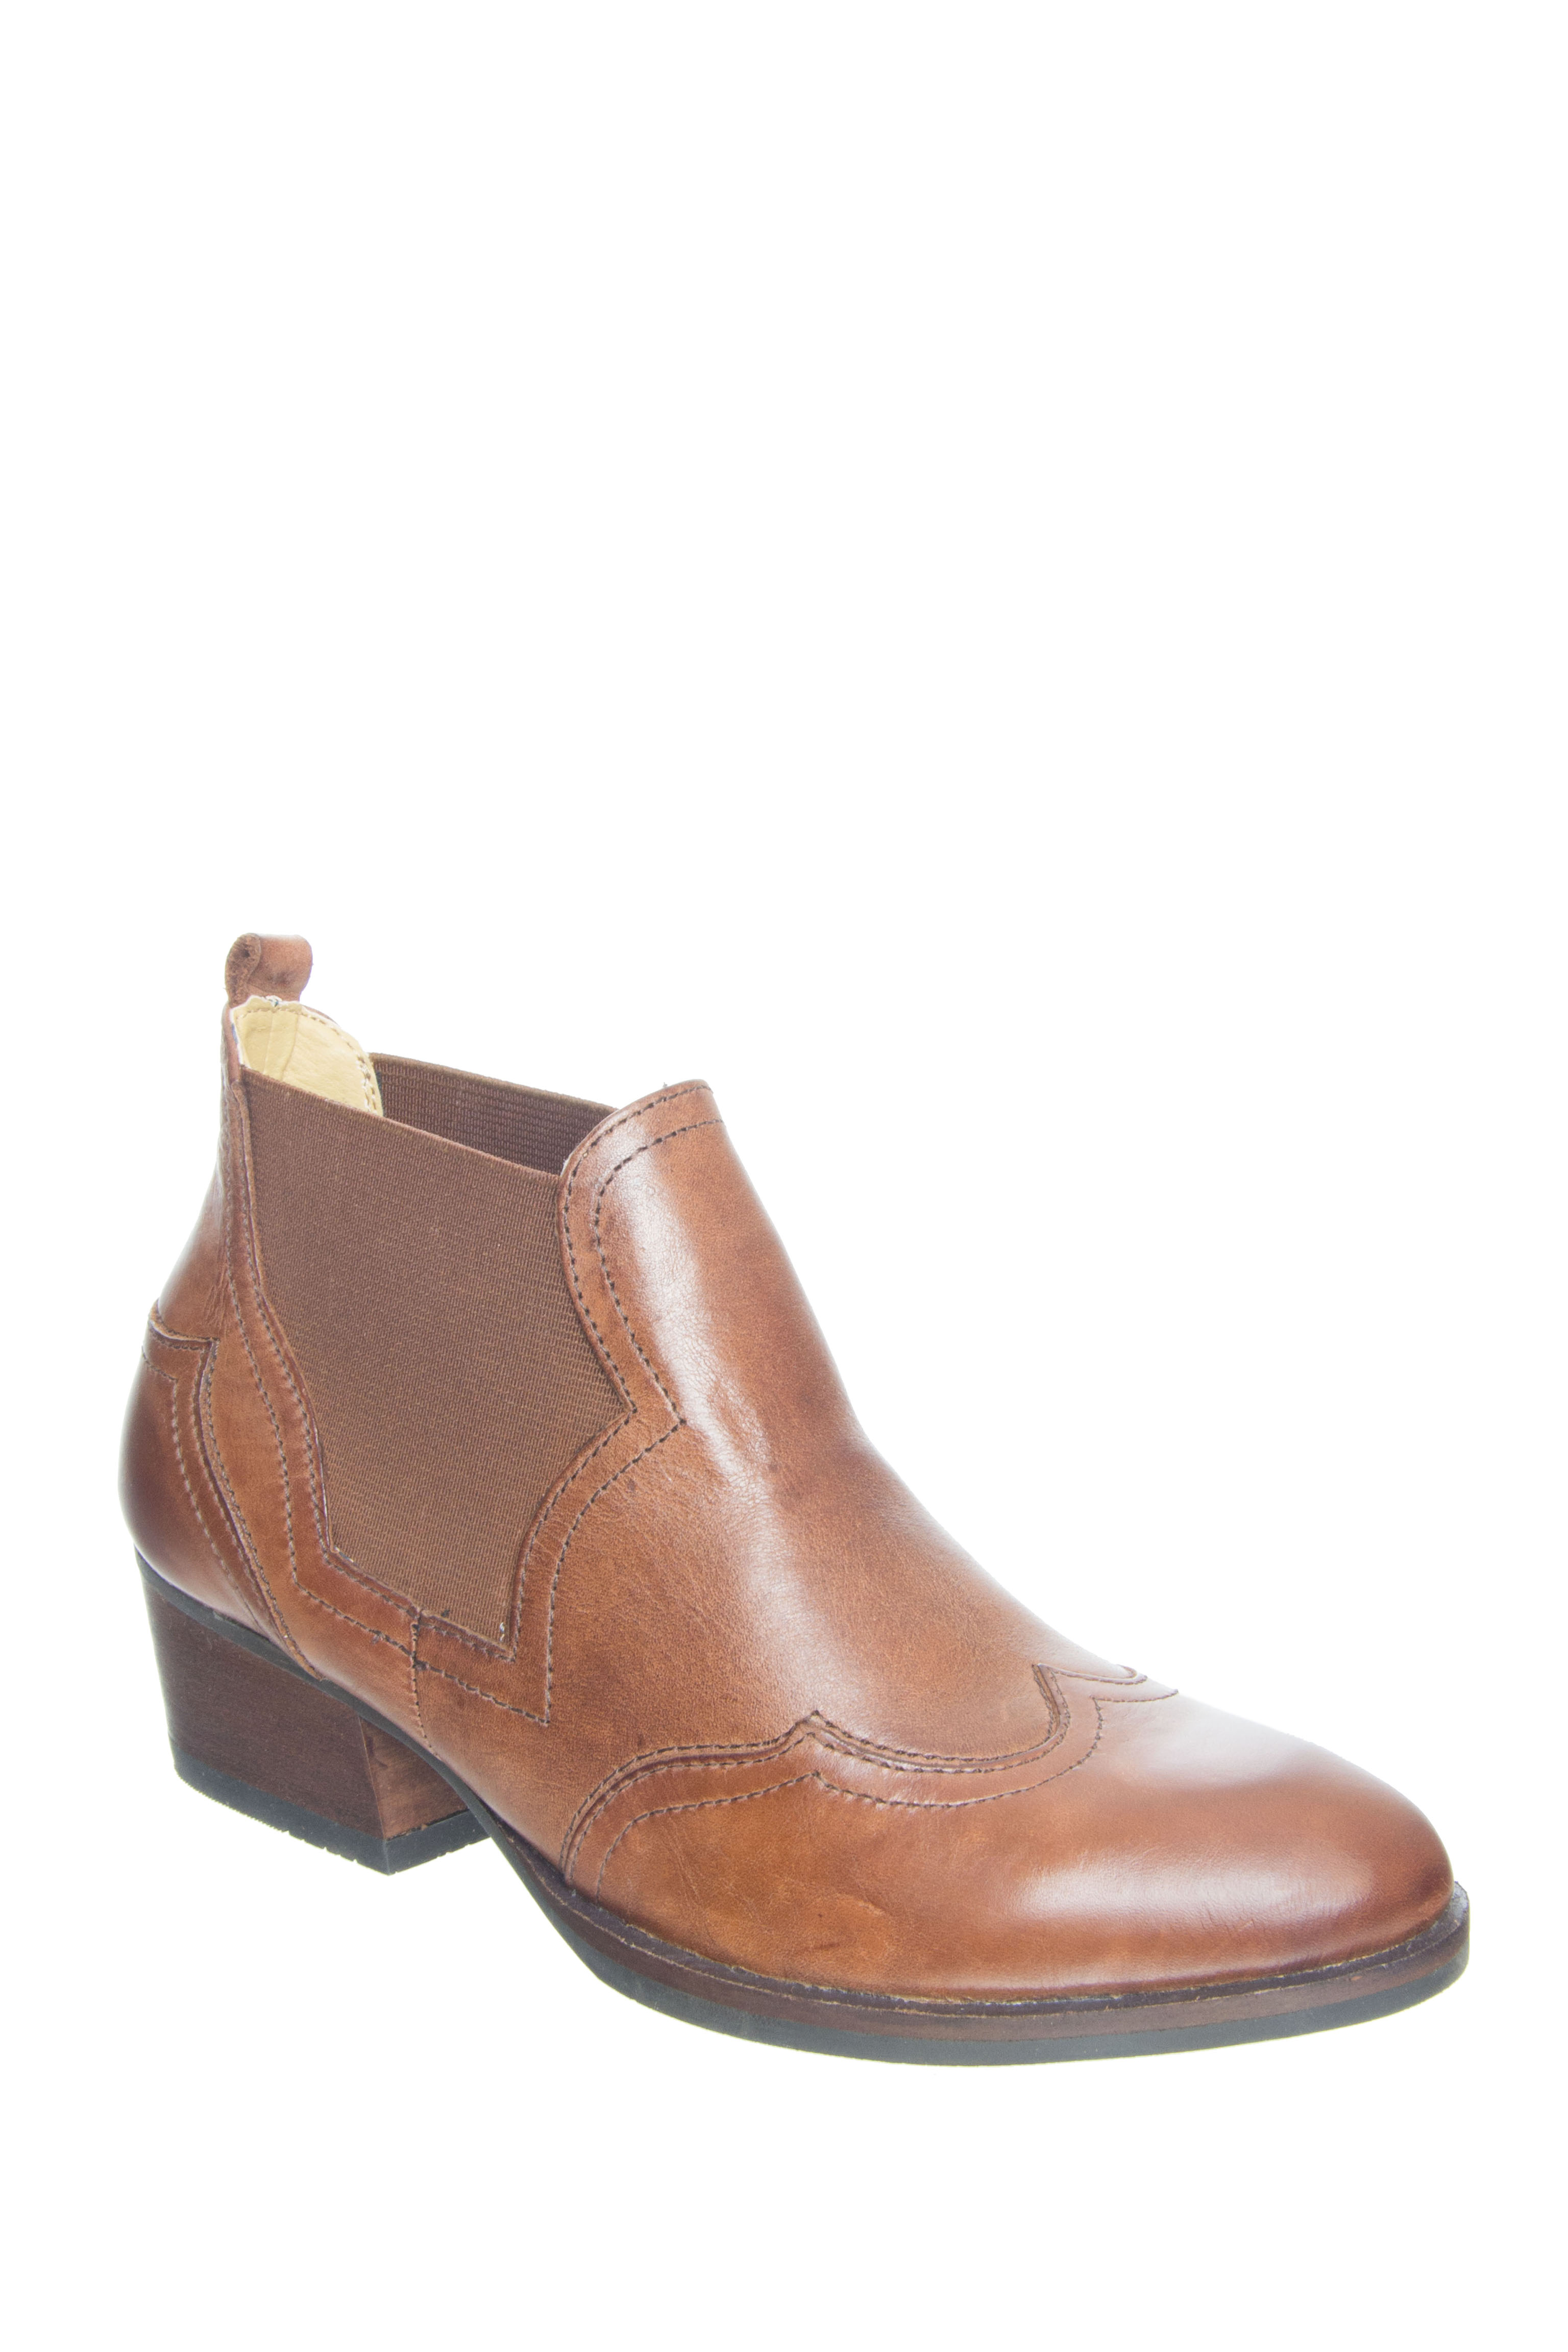 Bussola Alma Mid Heel Booties - Cognac